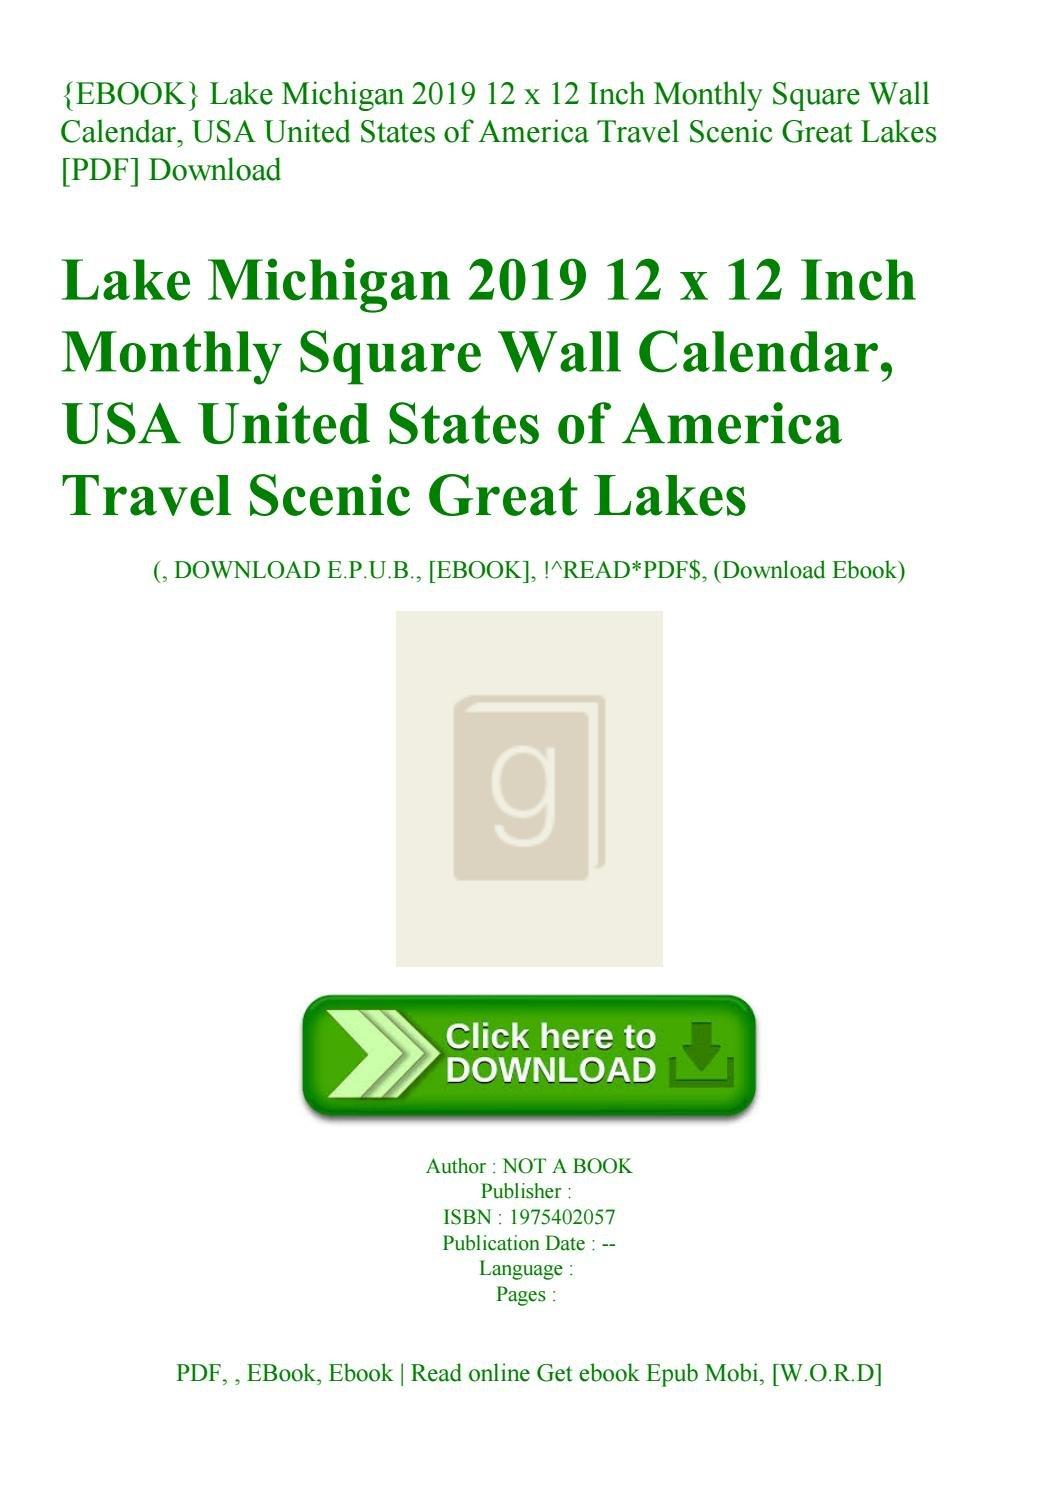 Ebook} Lake Michigan 2019 12 X 12 Inch Monthly Square Wall Calendar U Michigan Calendar 2019